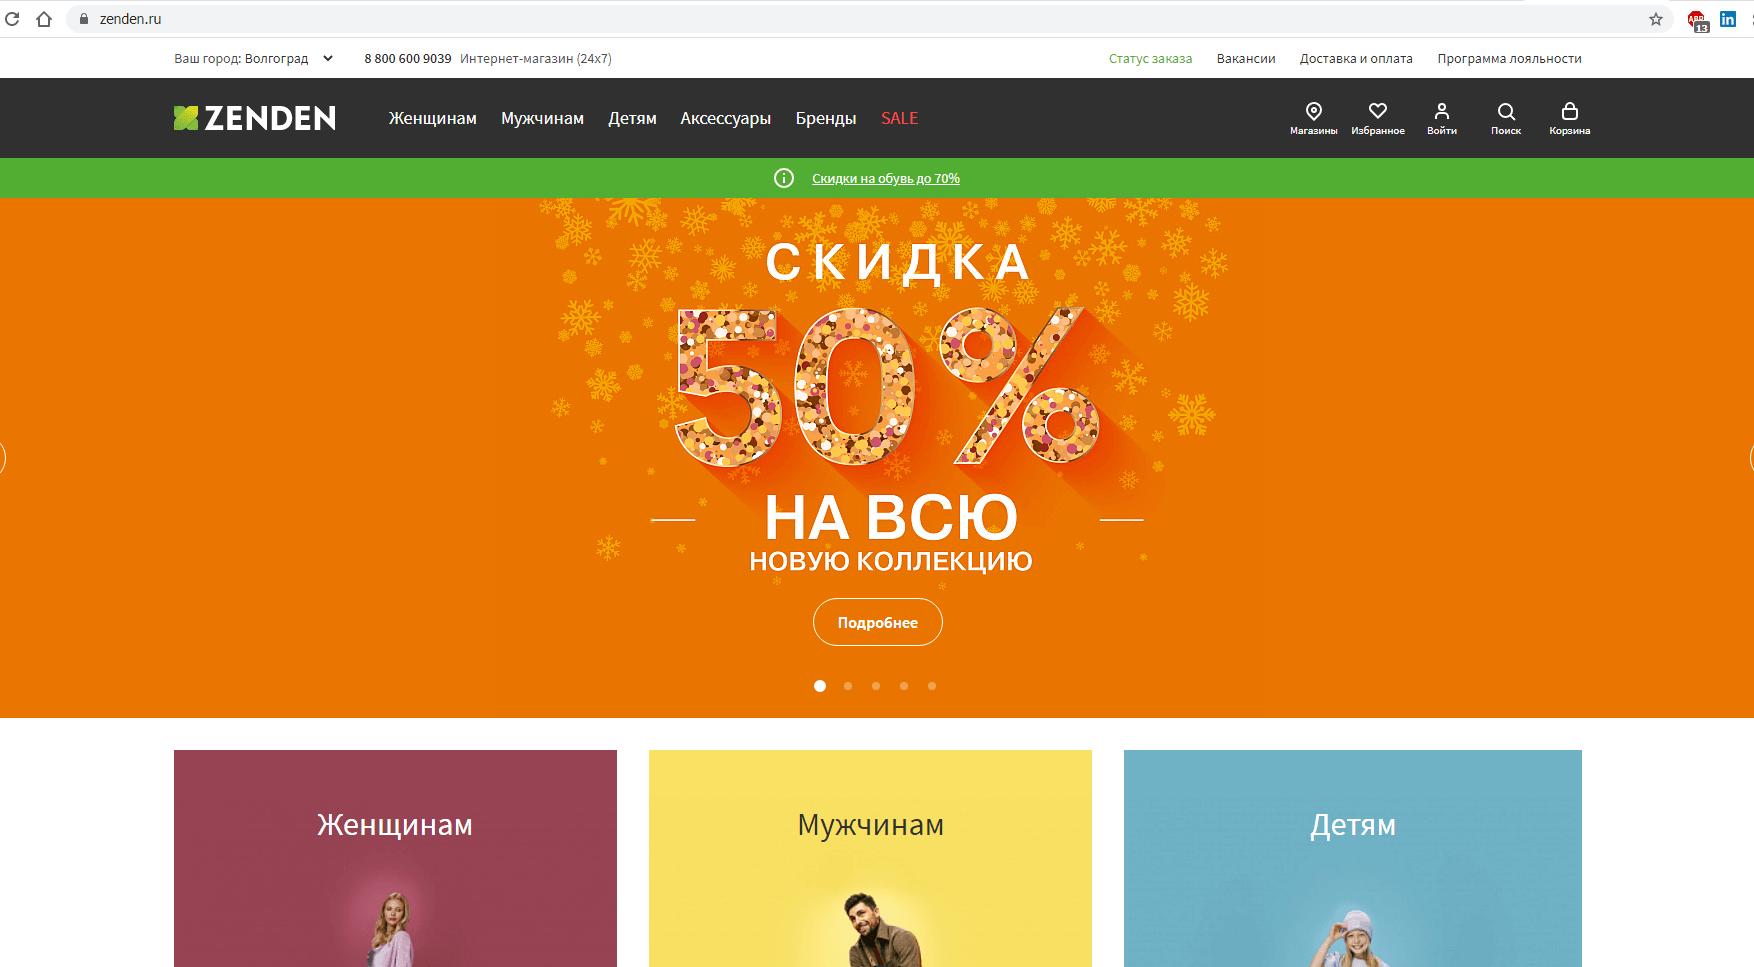 zenden.ru website